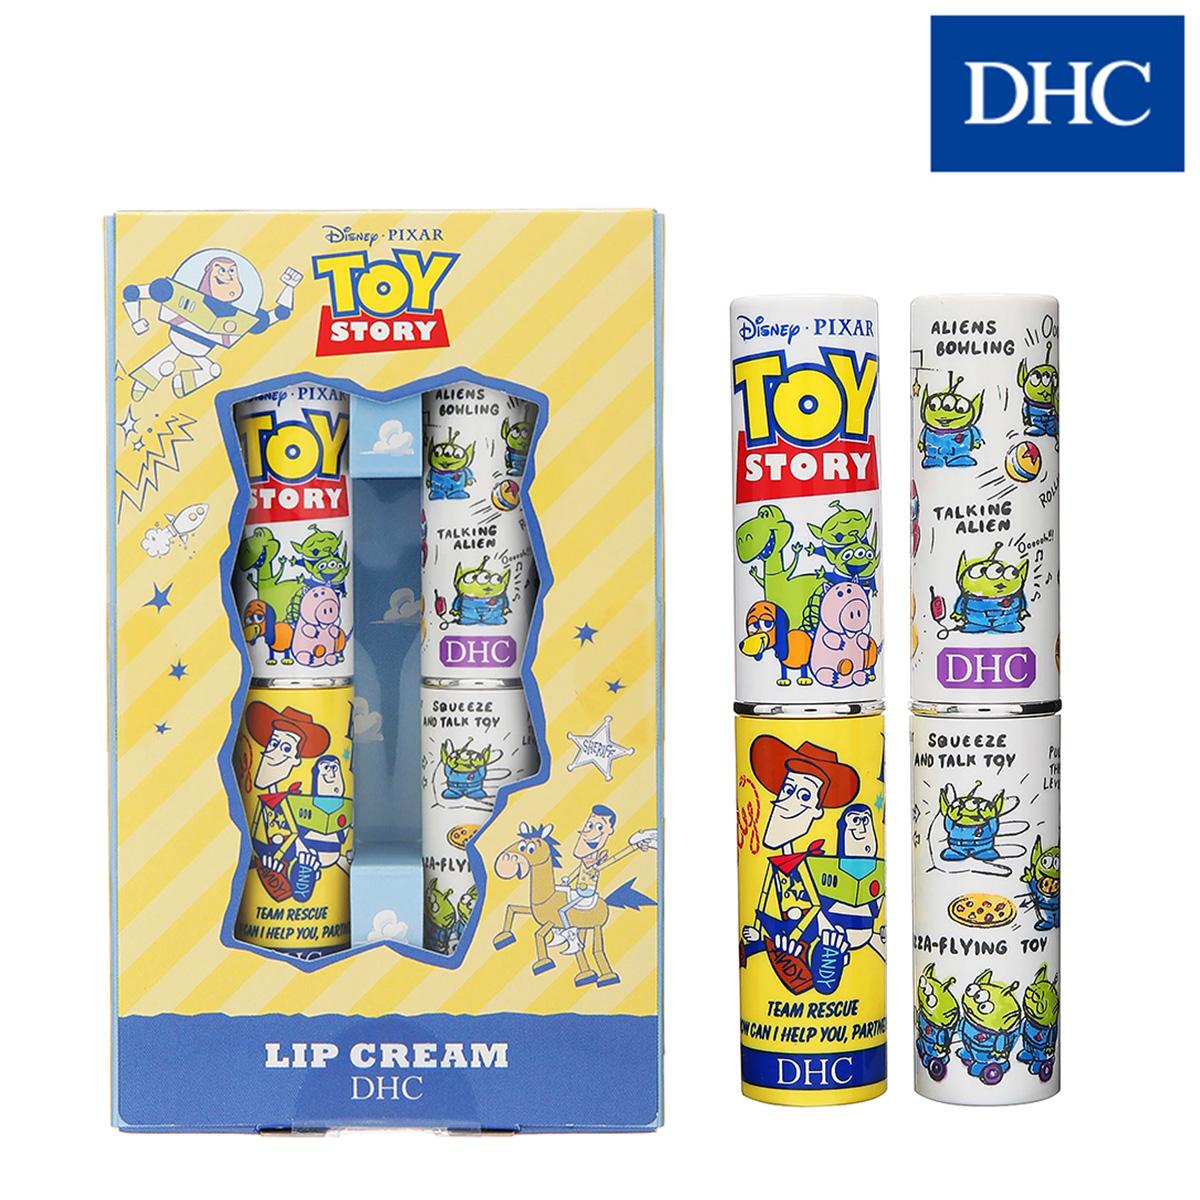 DHC 純欖護唇膏 玩具總動員限定版 二入組(1.5gx2) 禮盒組